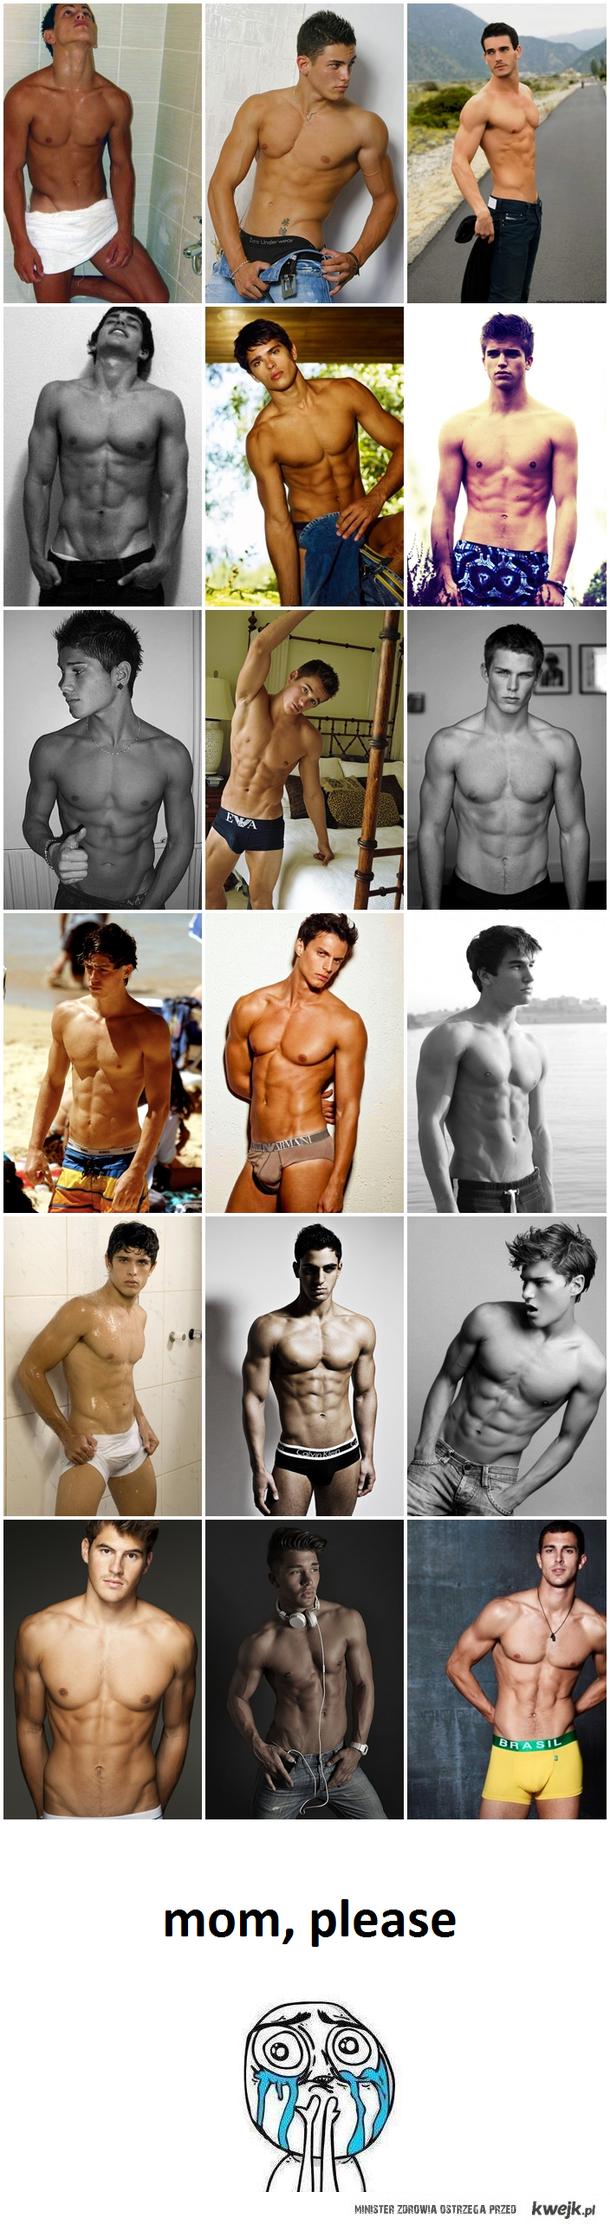 Hot guy :3